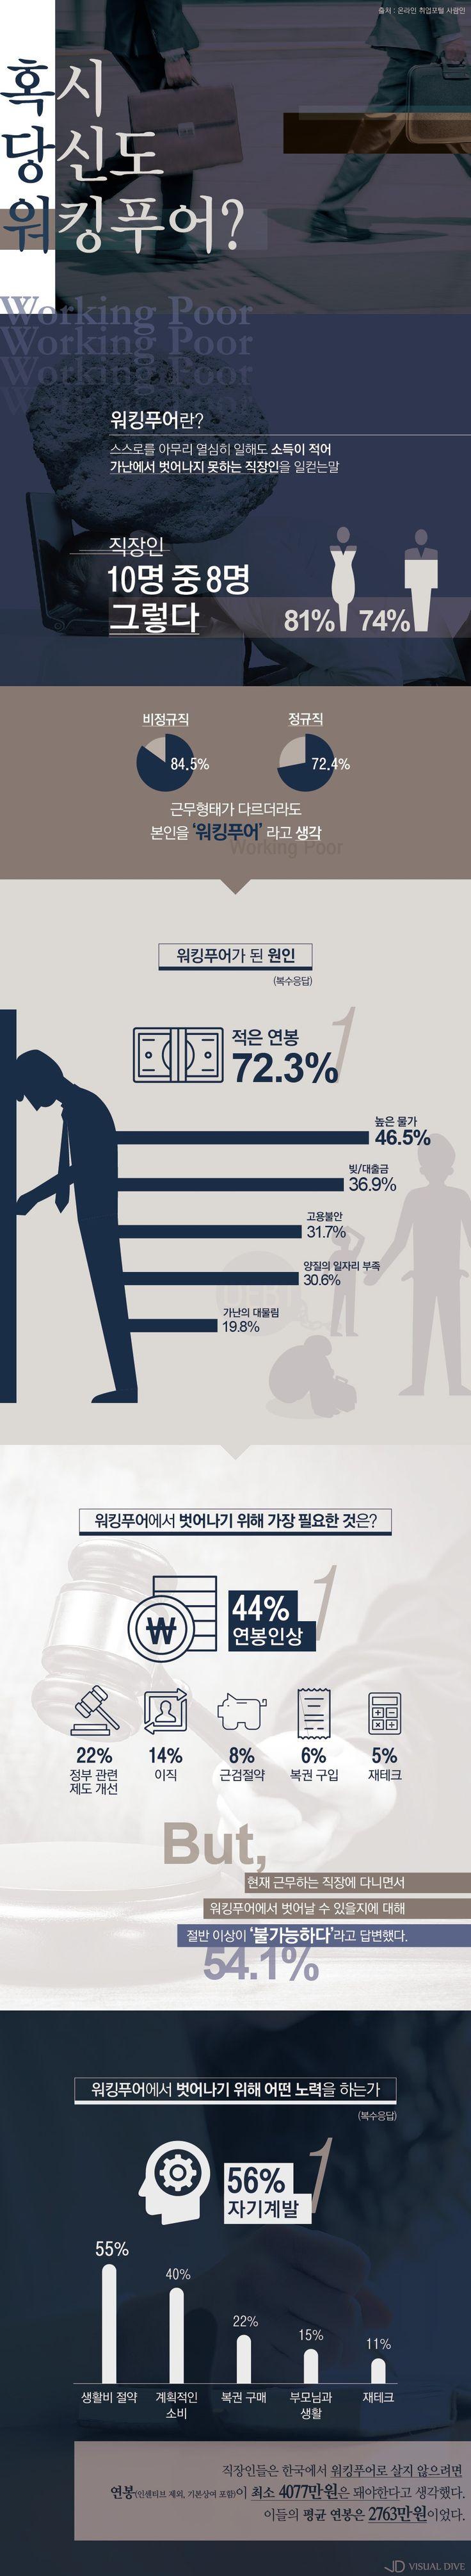 혹시 당신도 '워킹푸어'인가요? [인포그래픽] #poor / #Infographic ⓒ 비주얼다이브 무단 복사·전재·재배포 금지